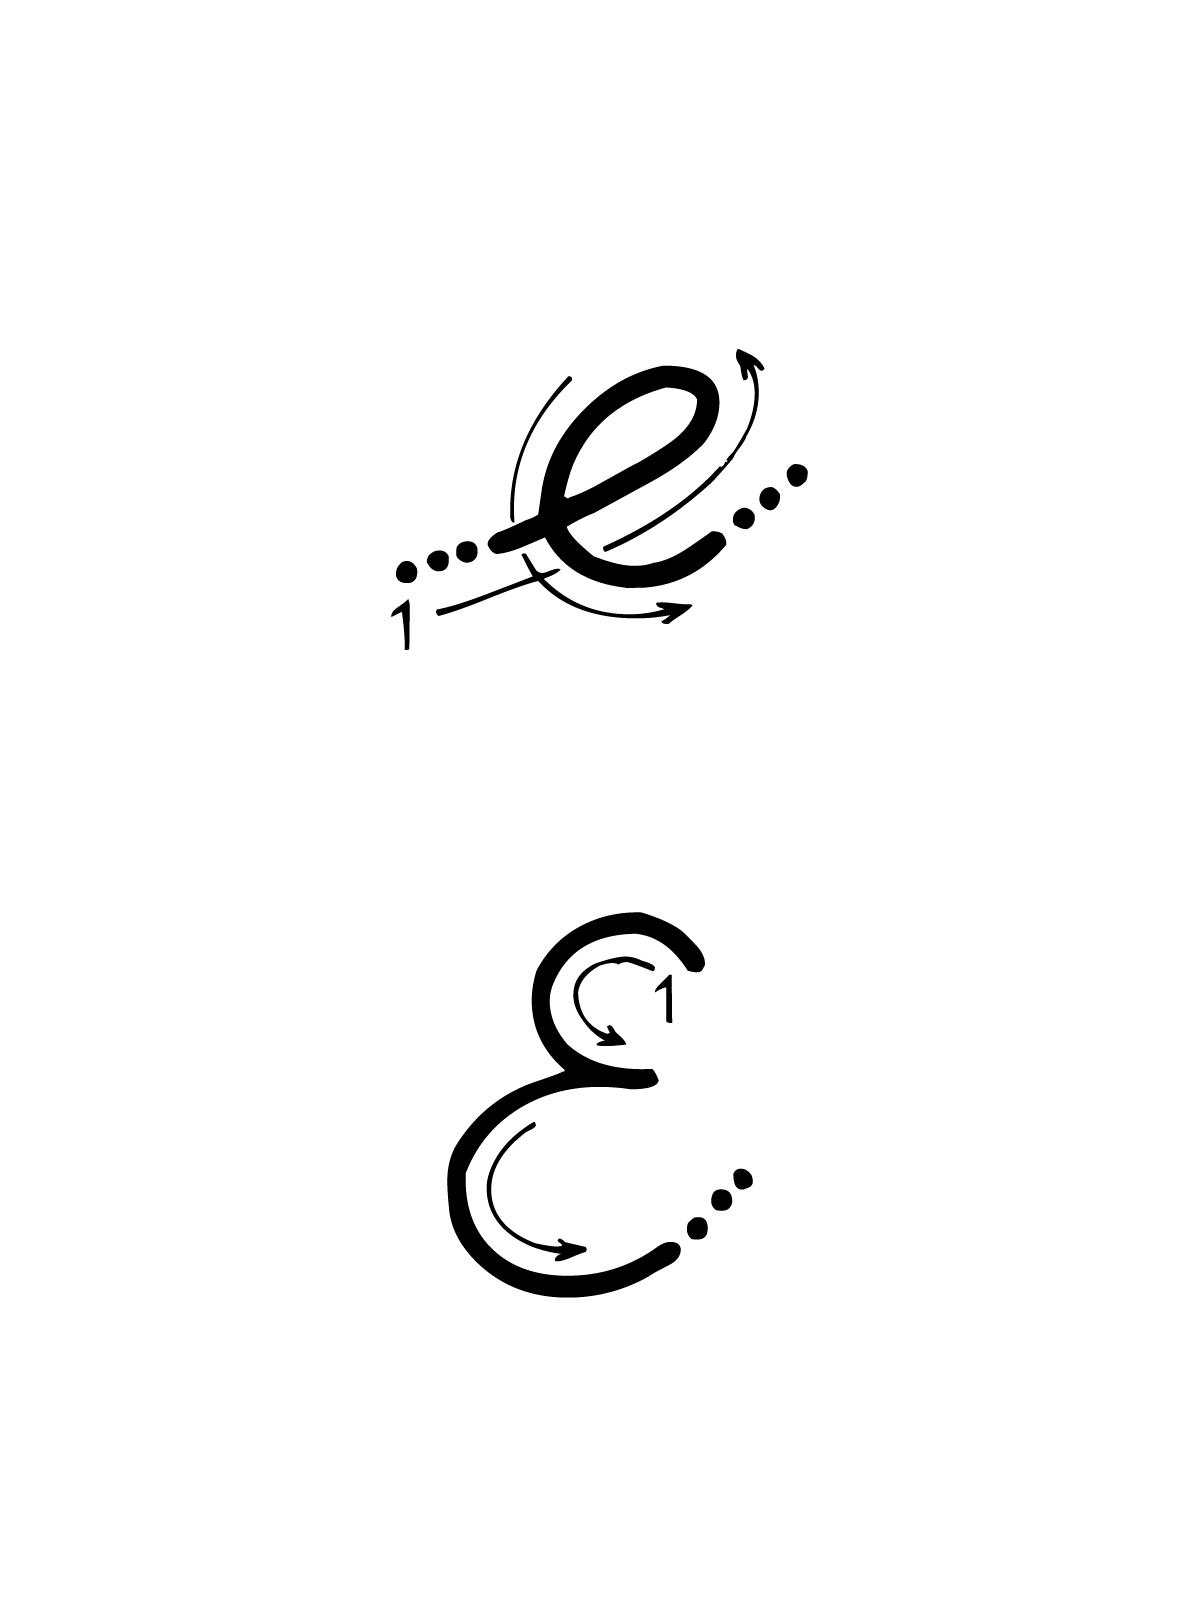 Bambini lettere dell alfabeto lettera e corsivo maiuscolo pictures to - Lettera E Con Indicazioni Movimento Corsivo Maiuscolo E Minuscolo